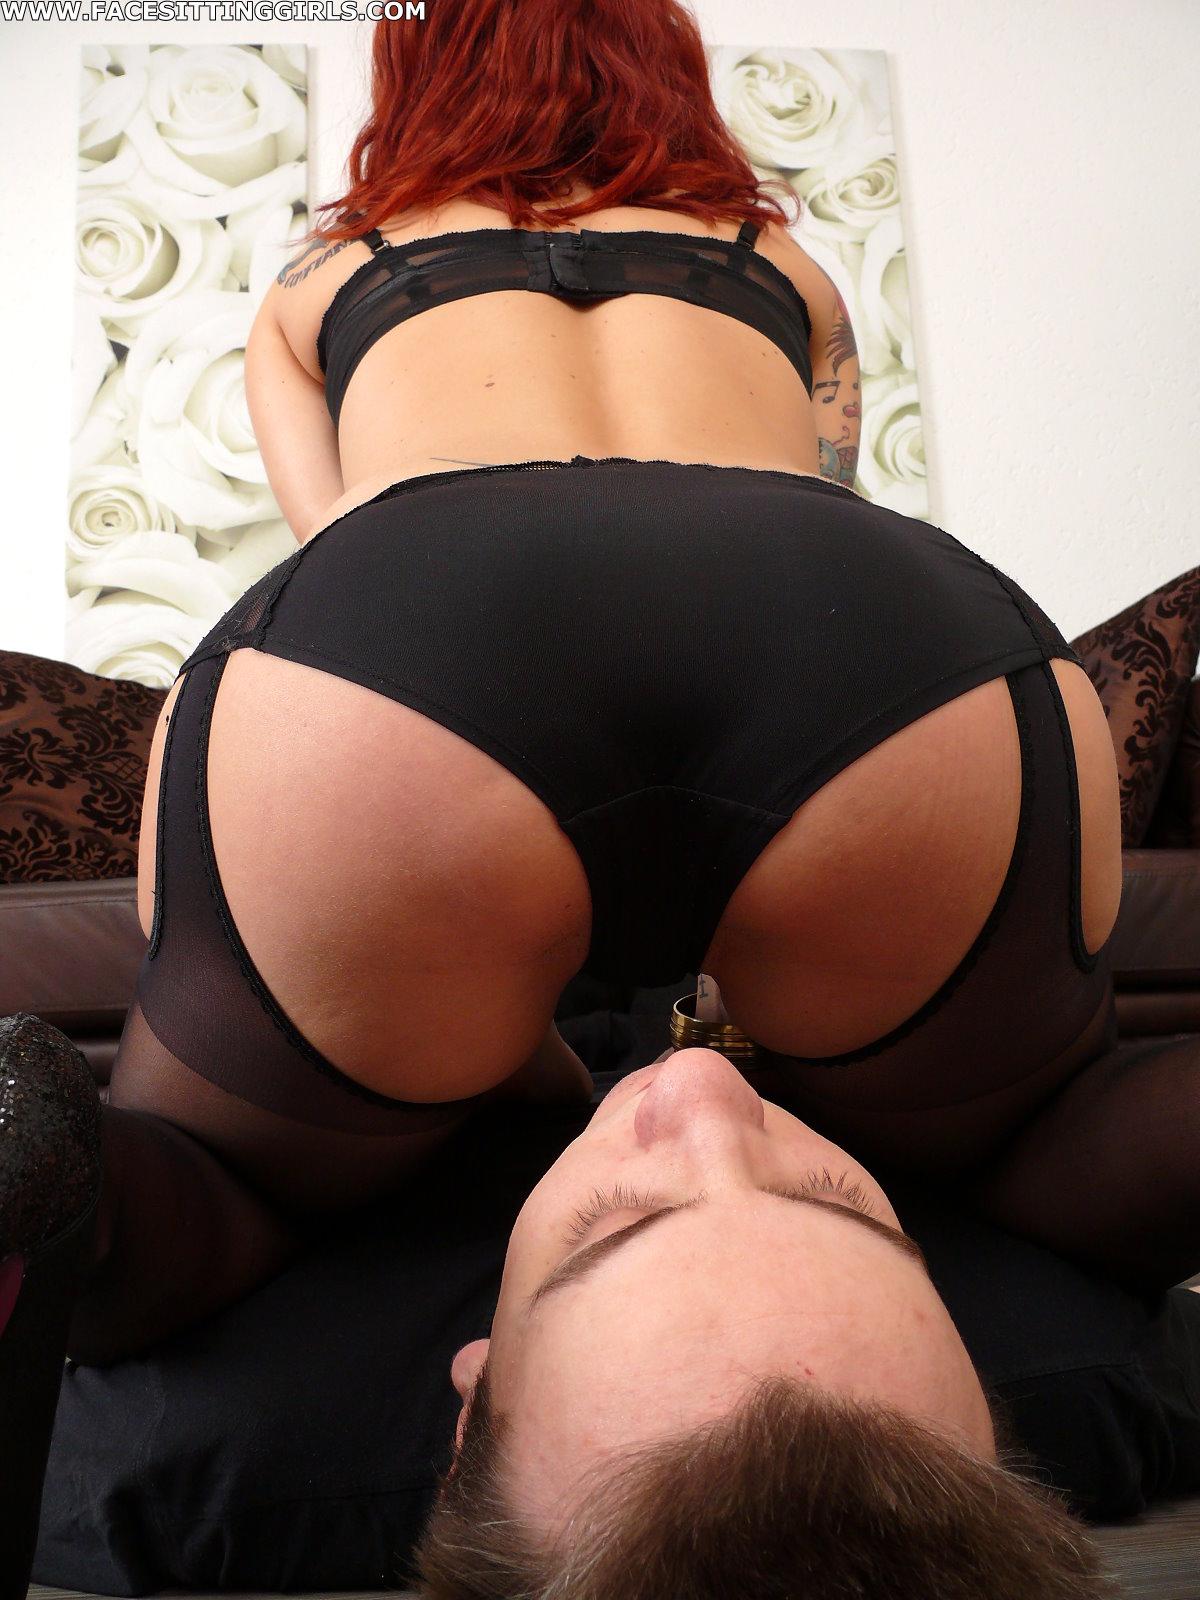 Pantie face sitting